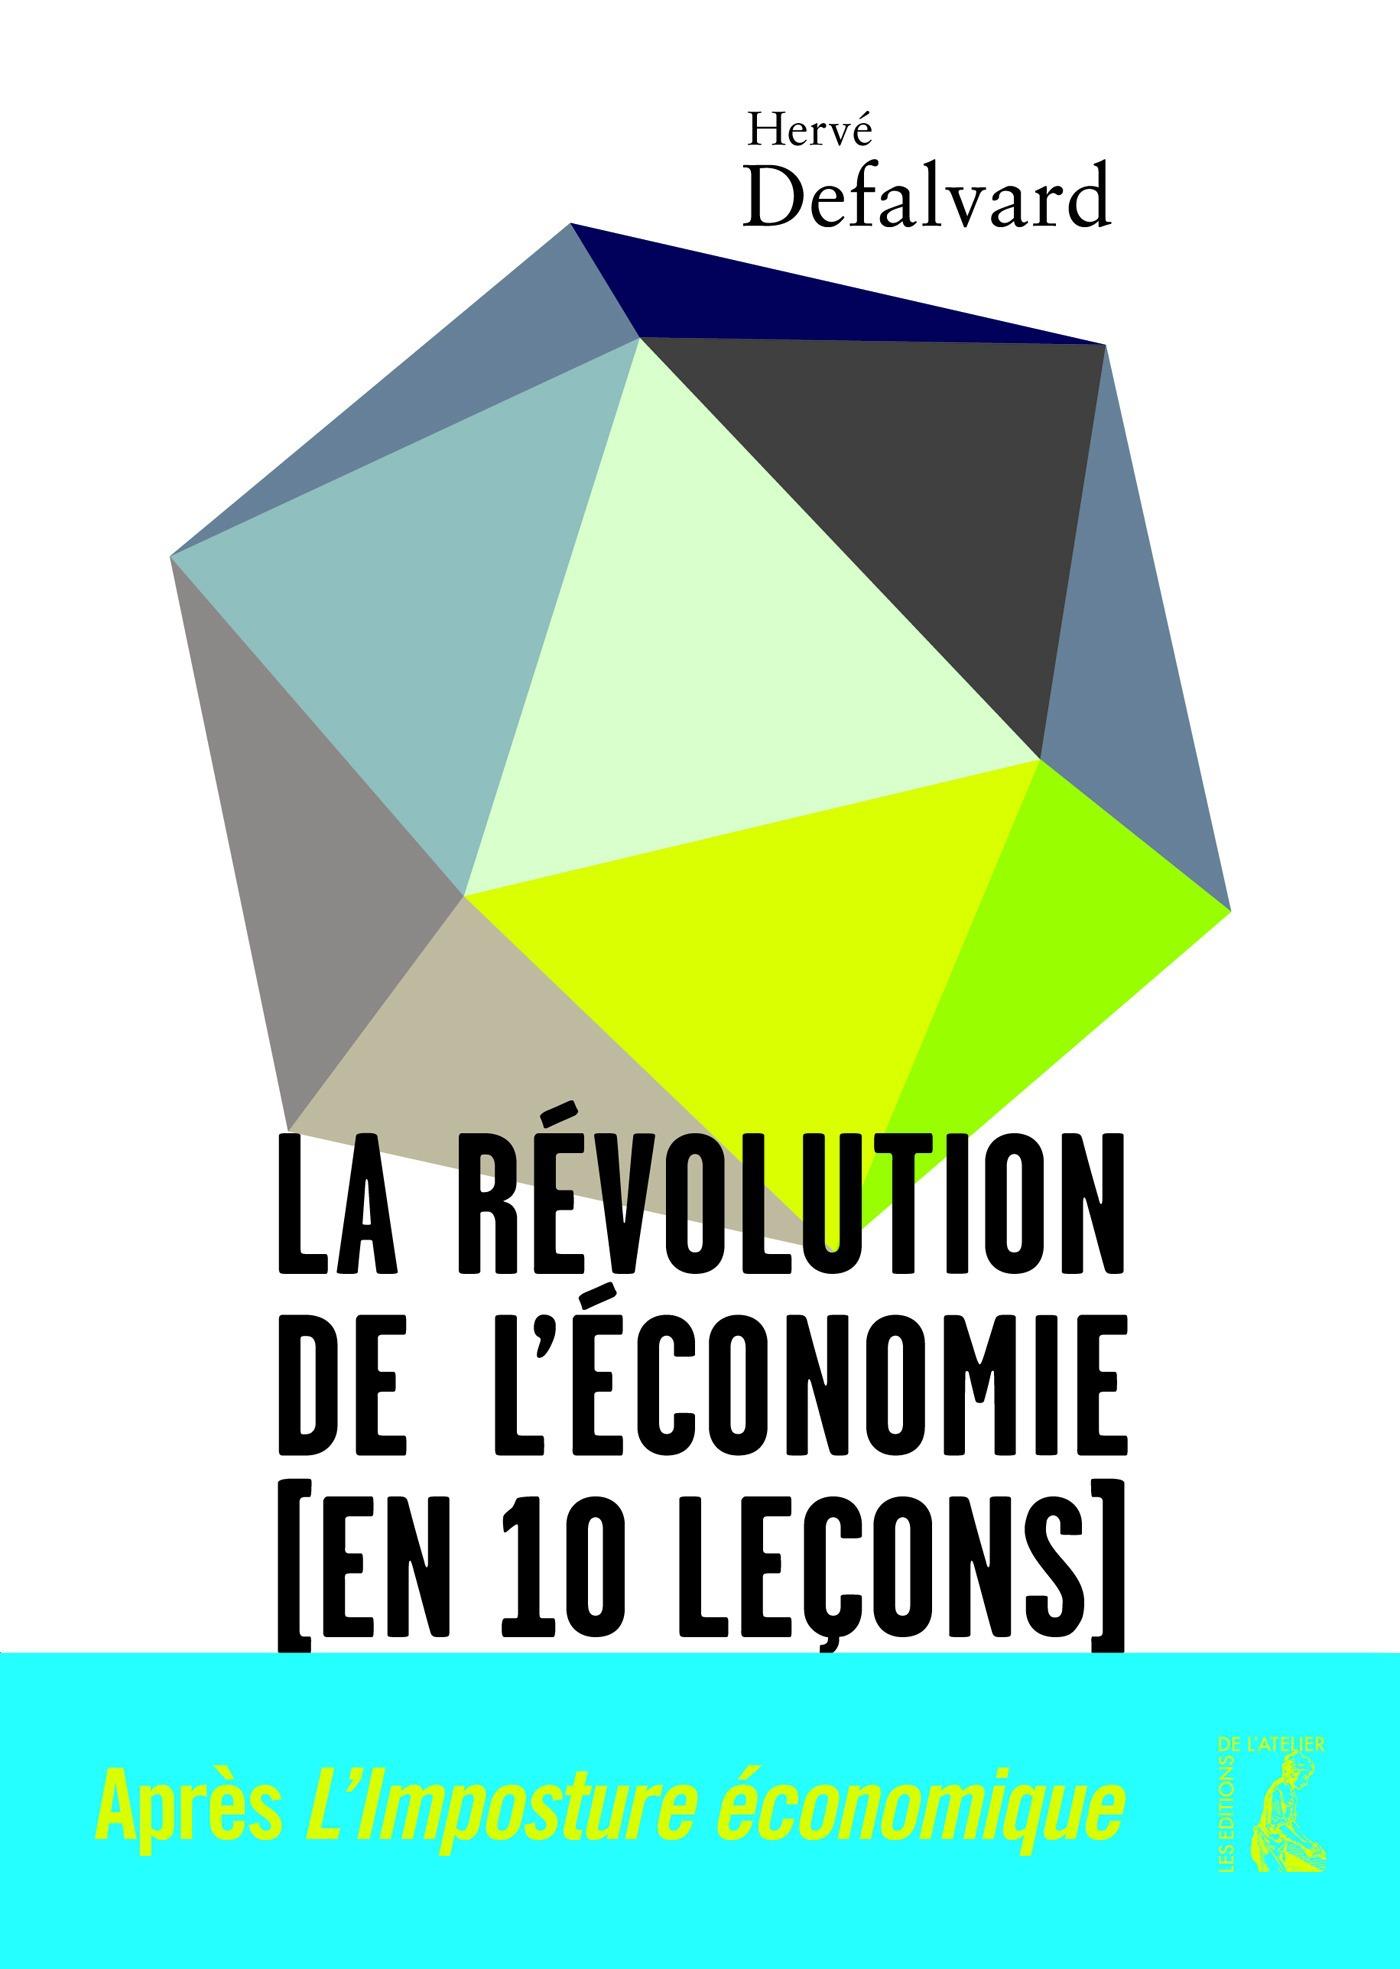 La révolution de l'économie en 10 leçons